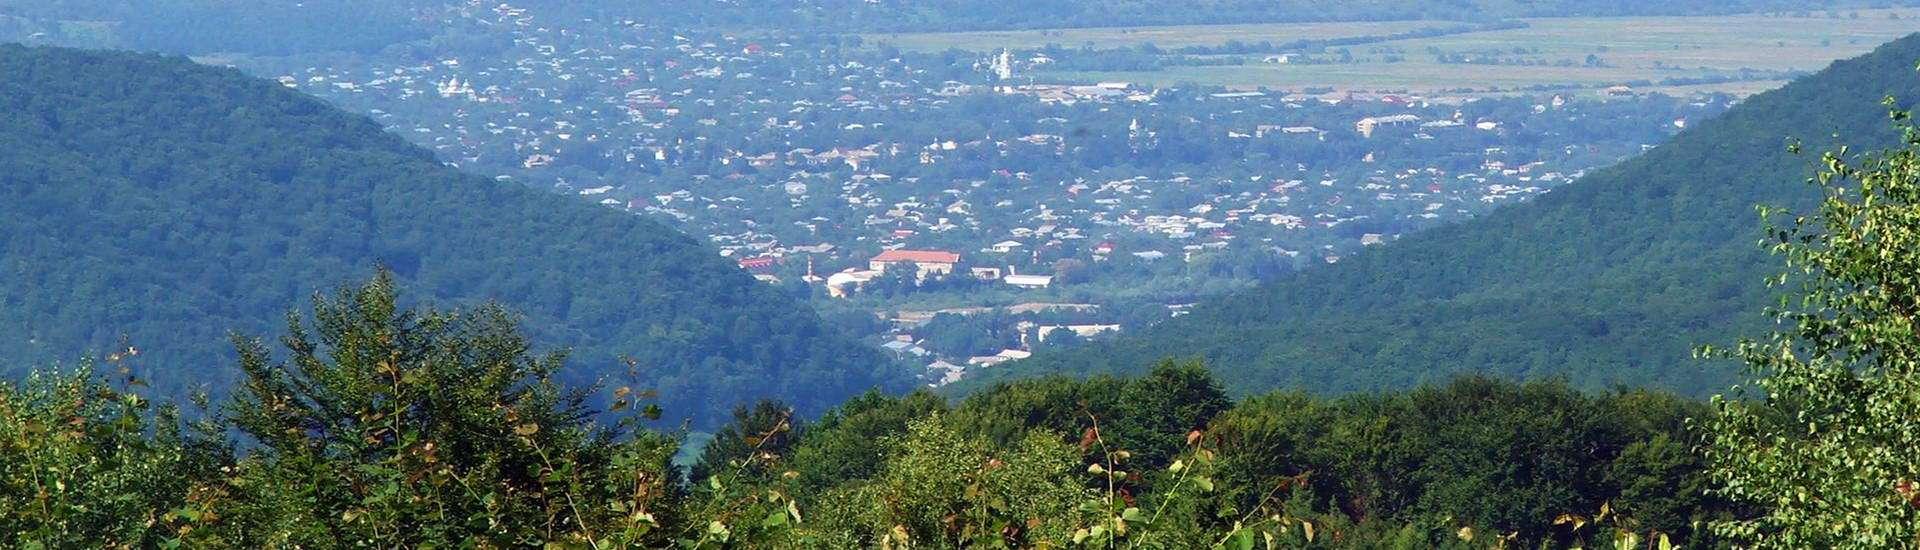 Панорама смт Кути, вид із перевалу Німнич